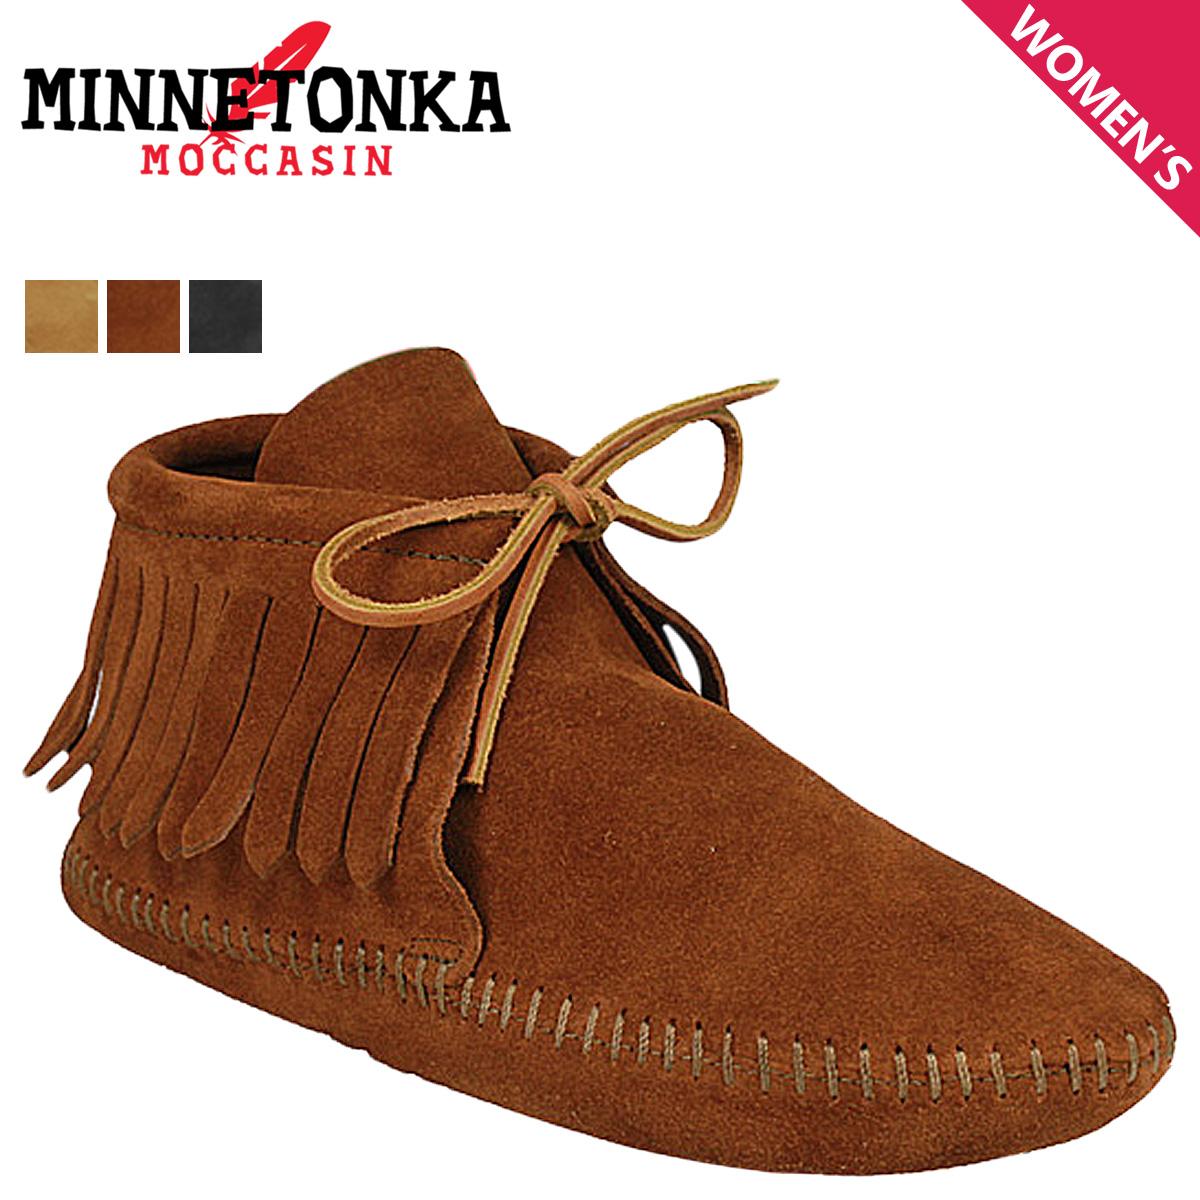 迷妮唐卡迷妮唐卡经典条纹靴 3 色经典条纹启动软唯一绒面革女士 481 482 489 麂皮绒 [定期]